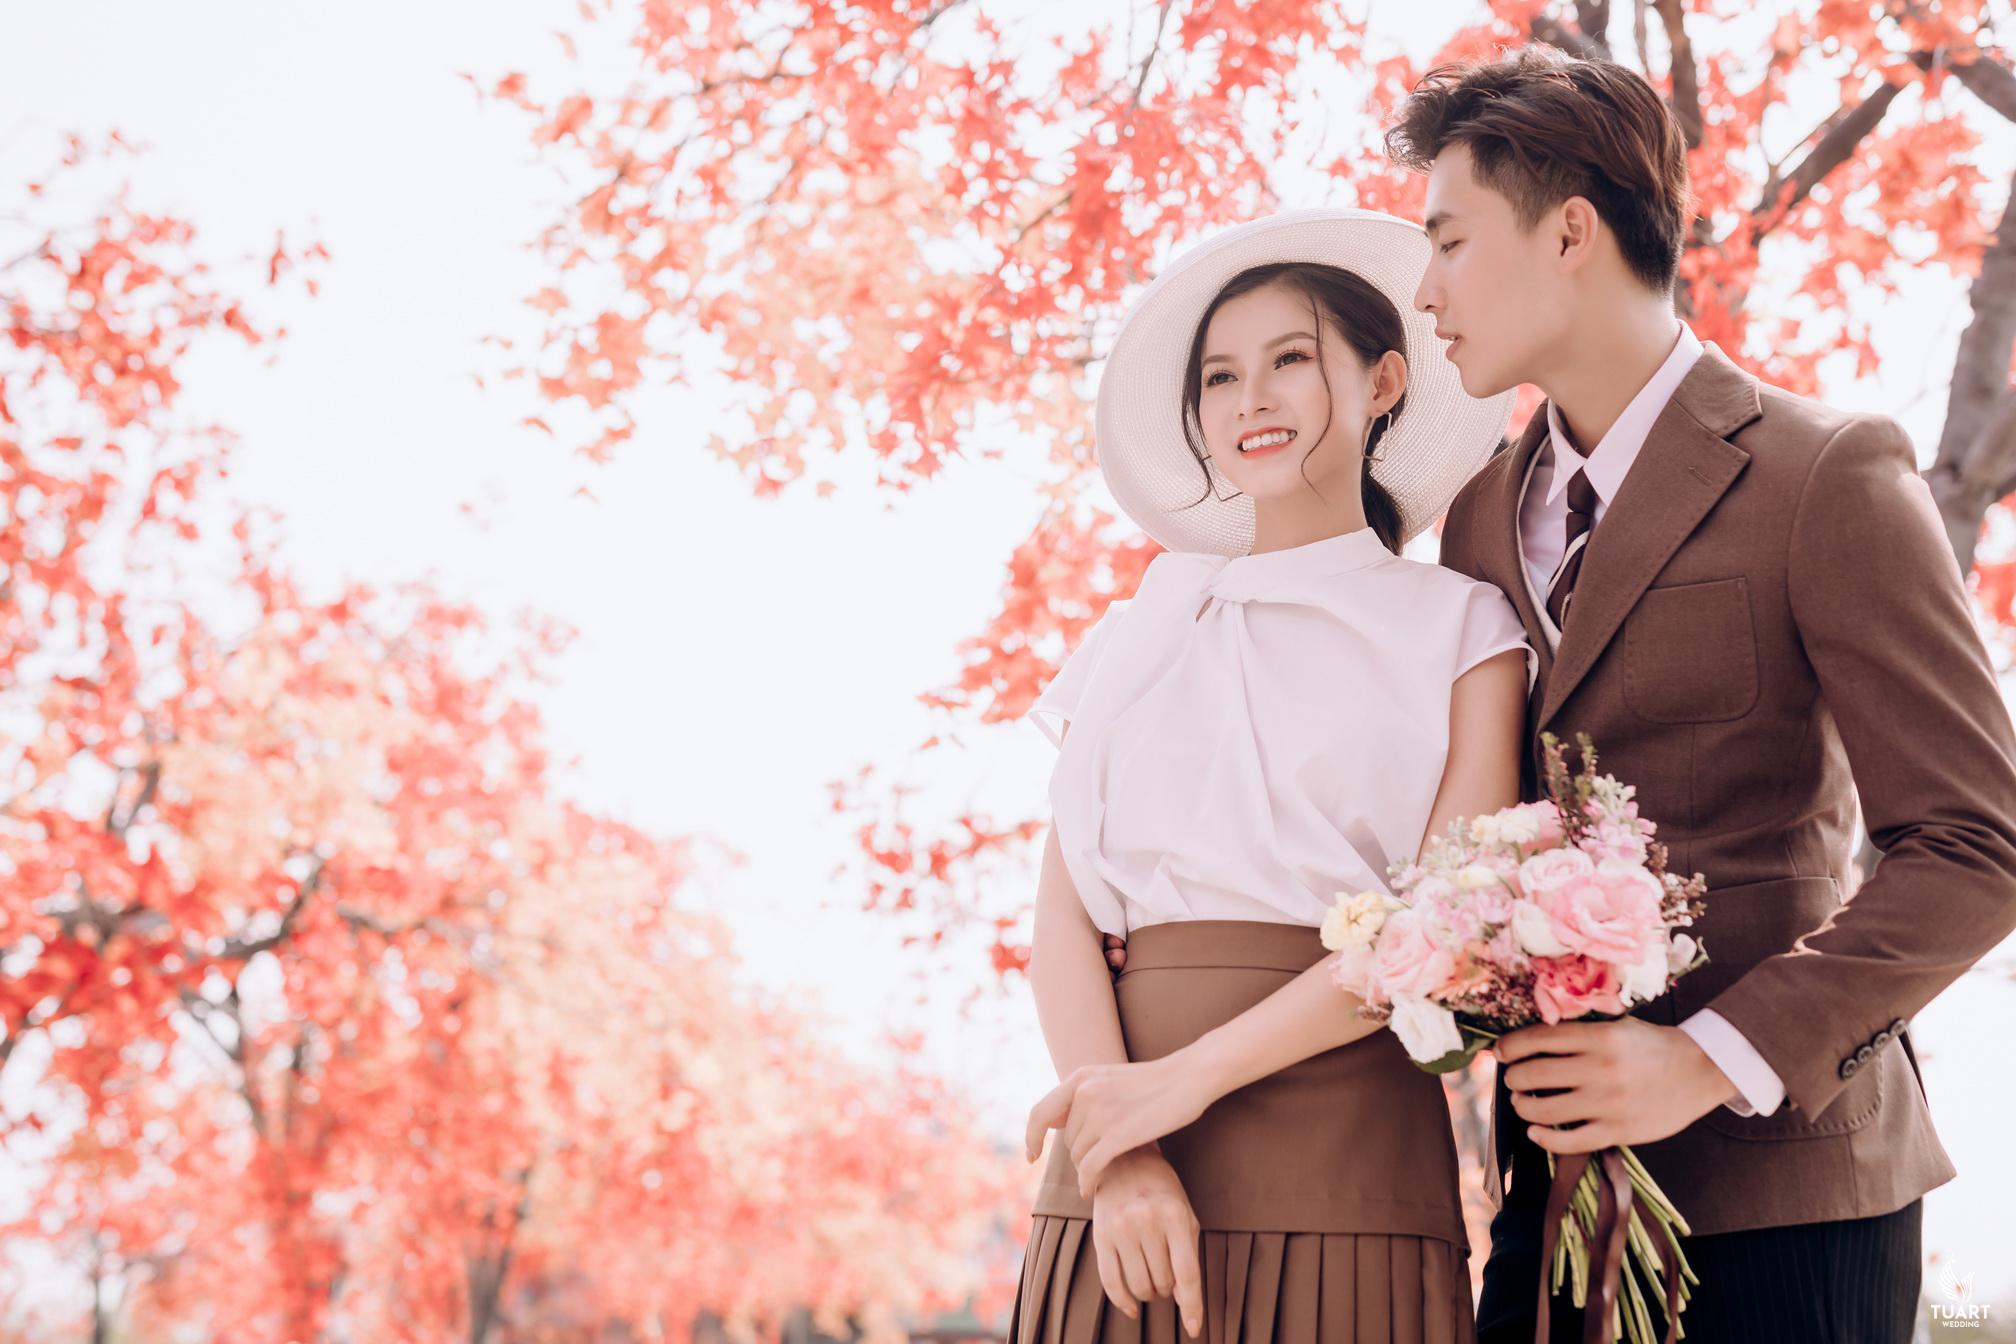 Tư vấn địa điểm chụp ảnh cưới đẹp mùa xuân tại Hà Nội